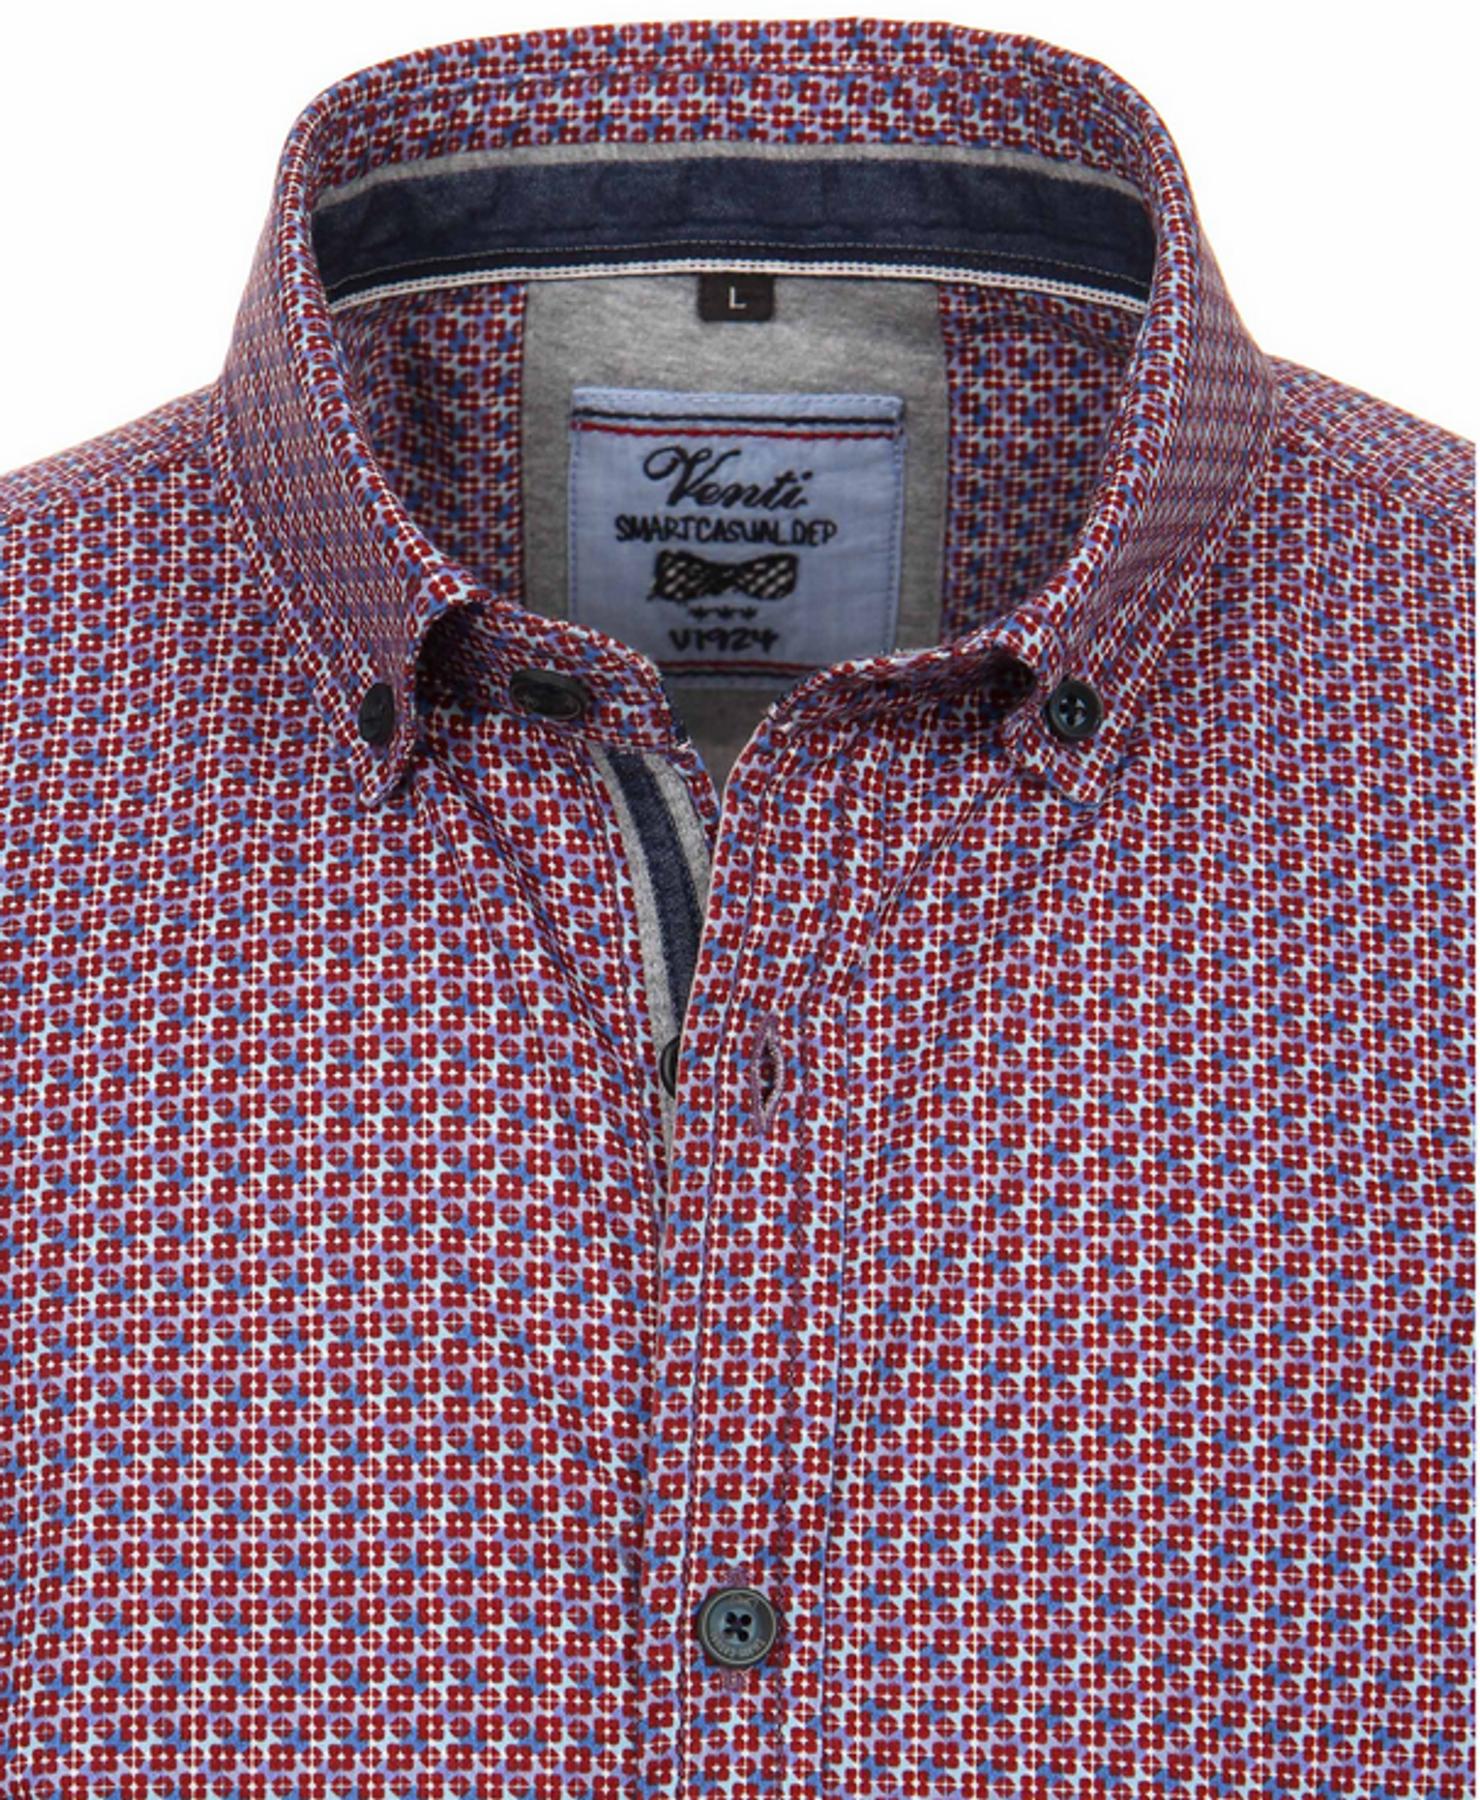 Venti - Modisches Herren Hemd, Karo Twill aus 100% Baumwolle (162623400 A) – Bild 3